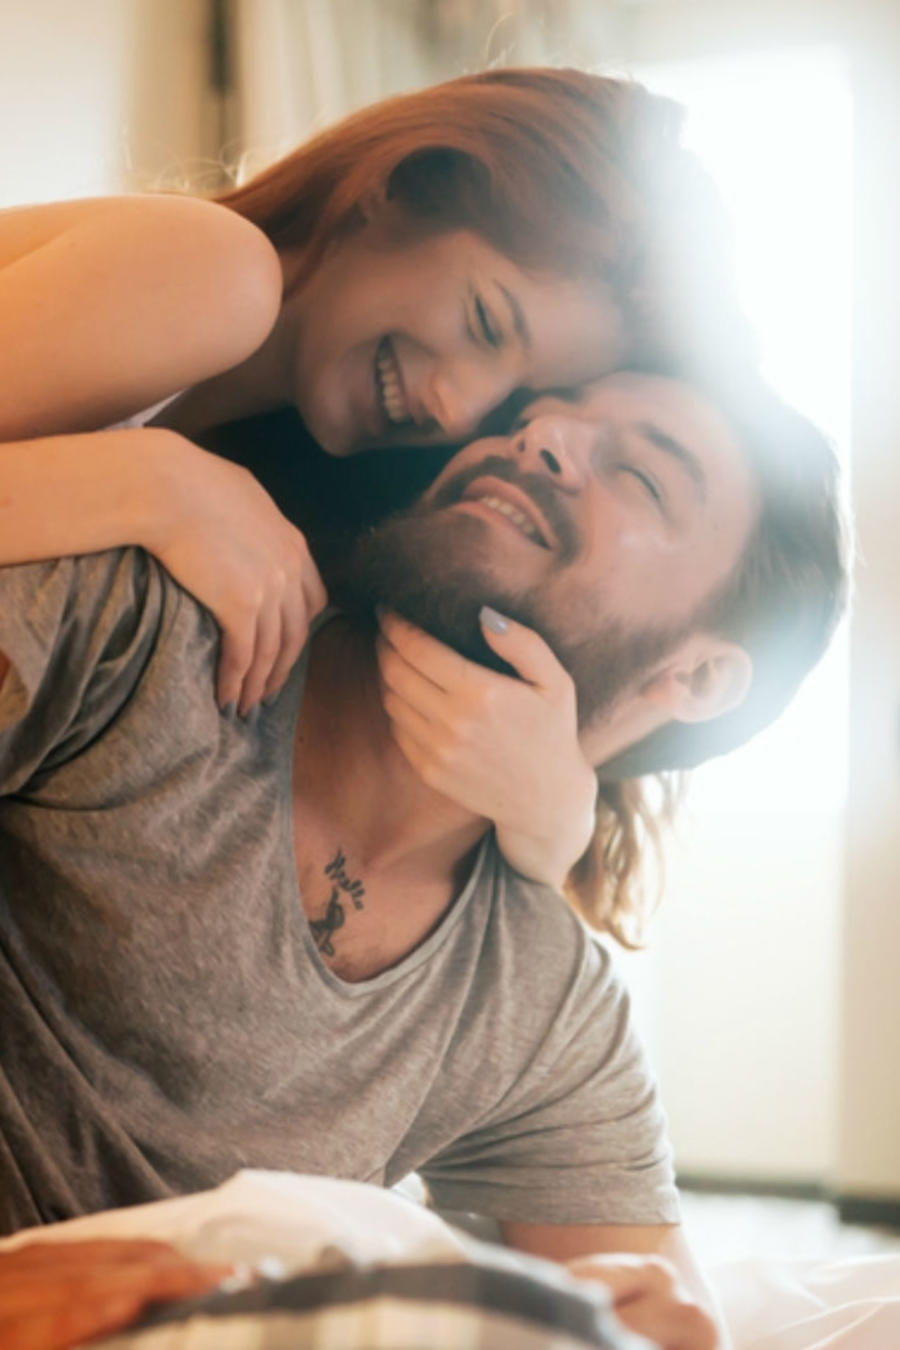 Mujer abrazando a un hombre y sonriendo en la cama